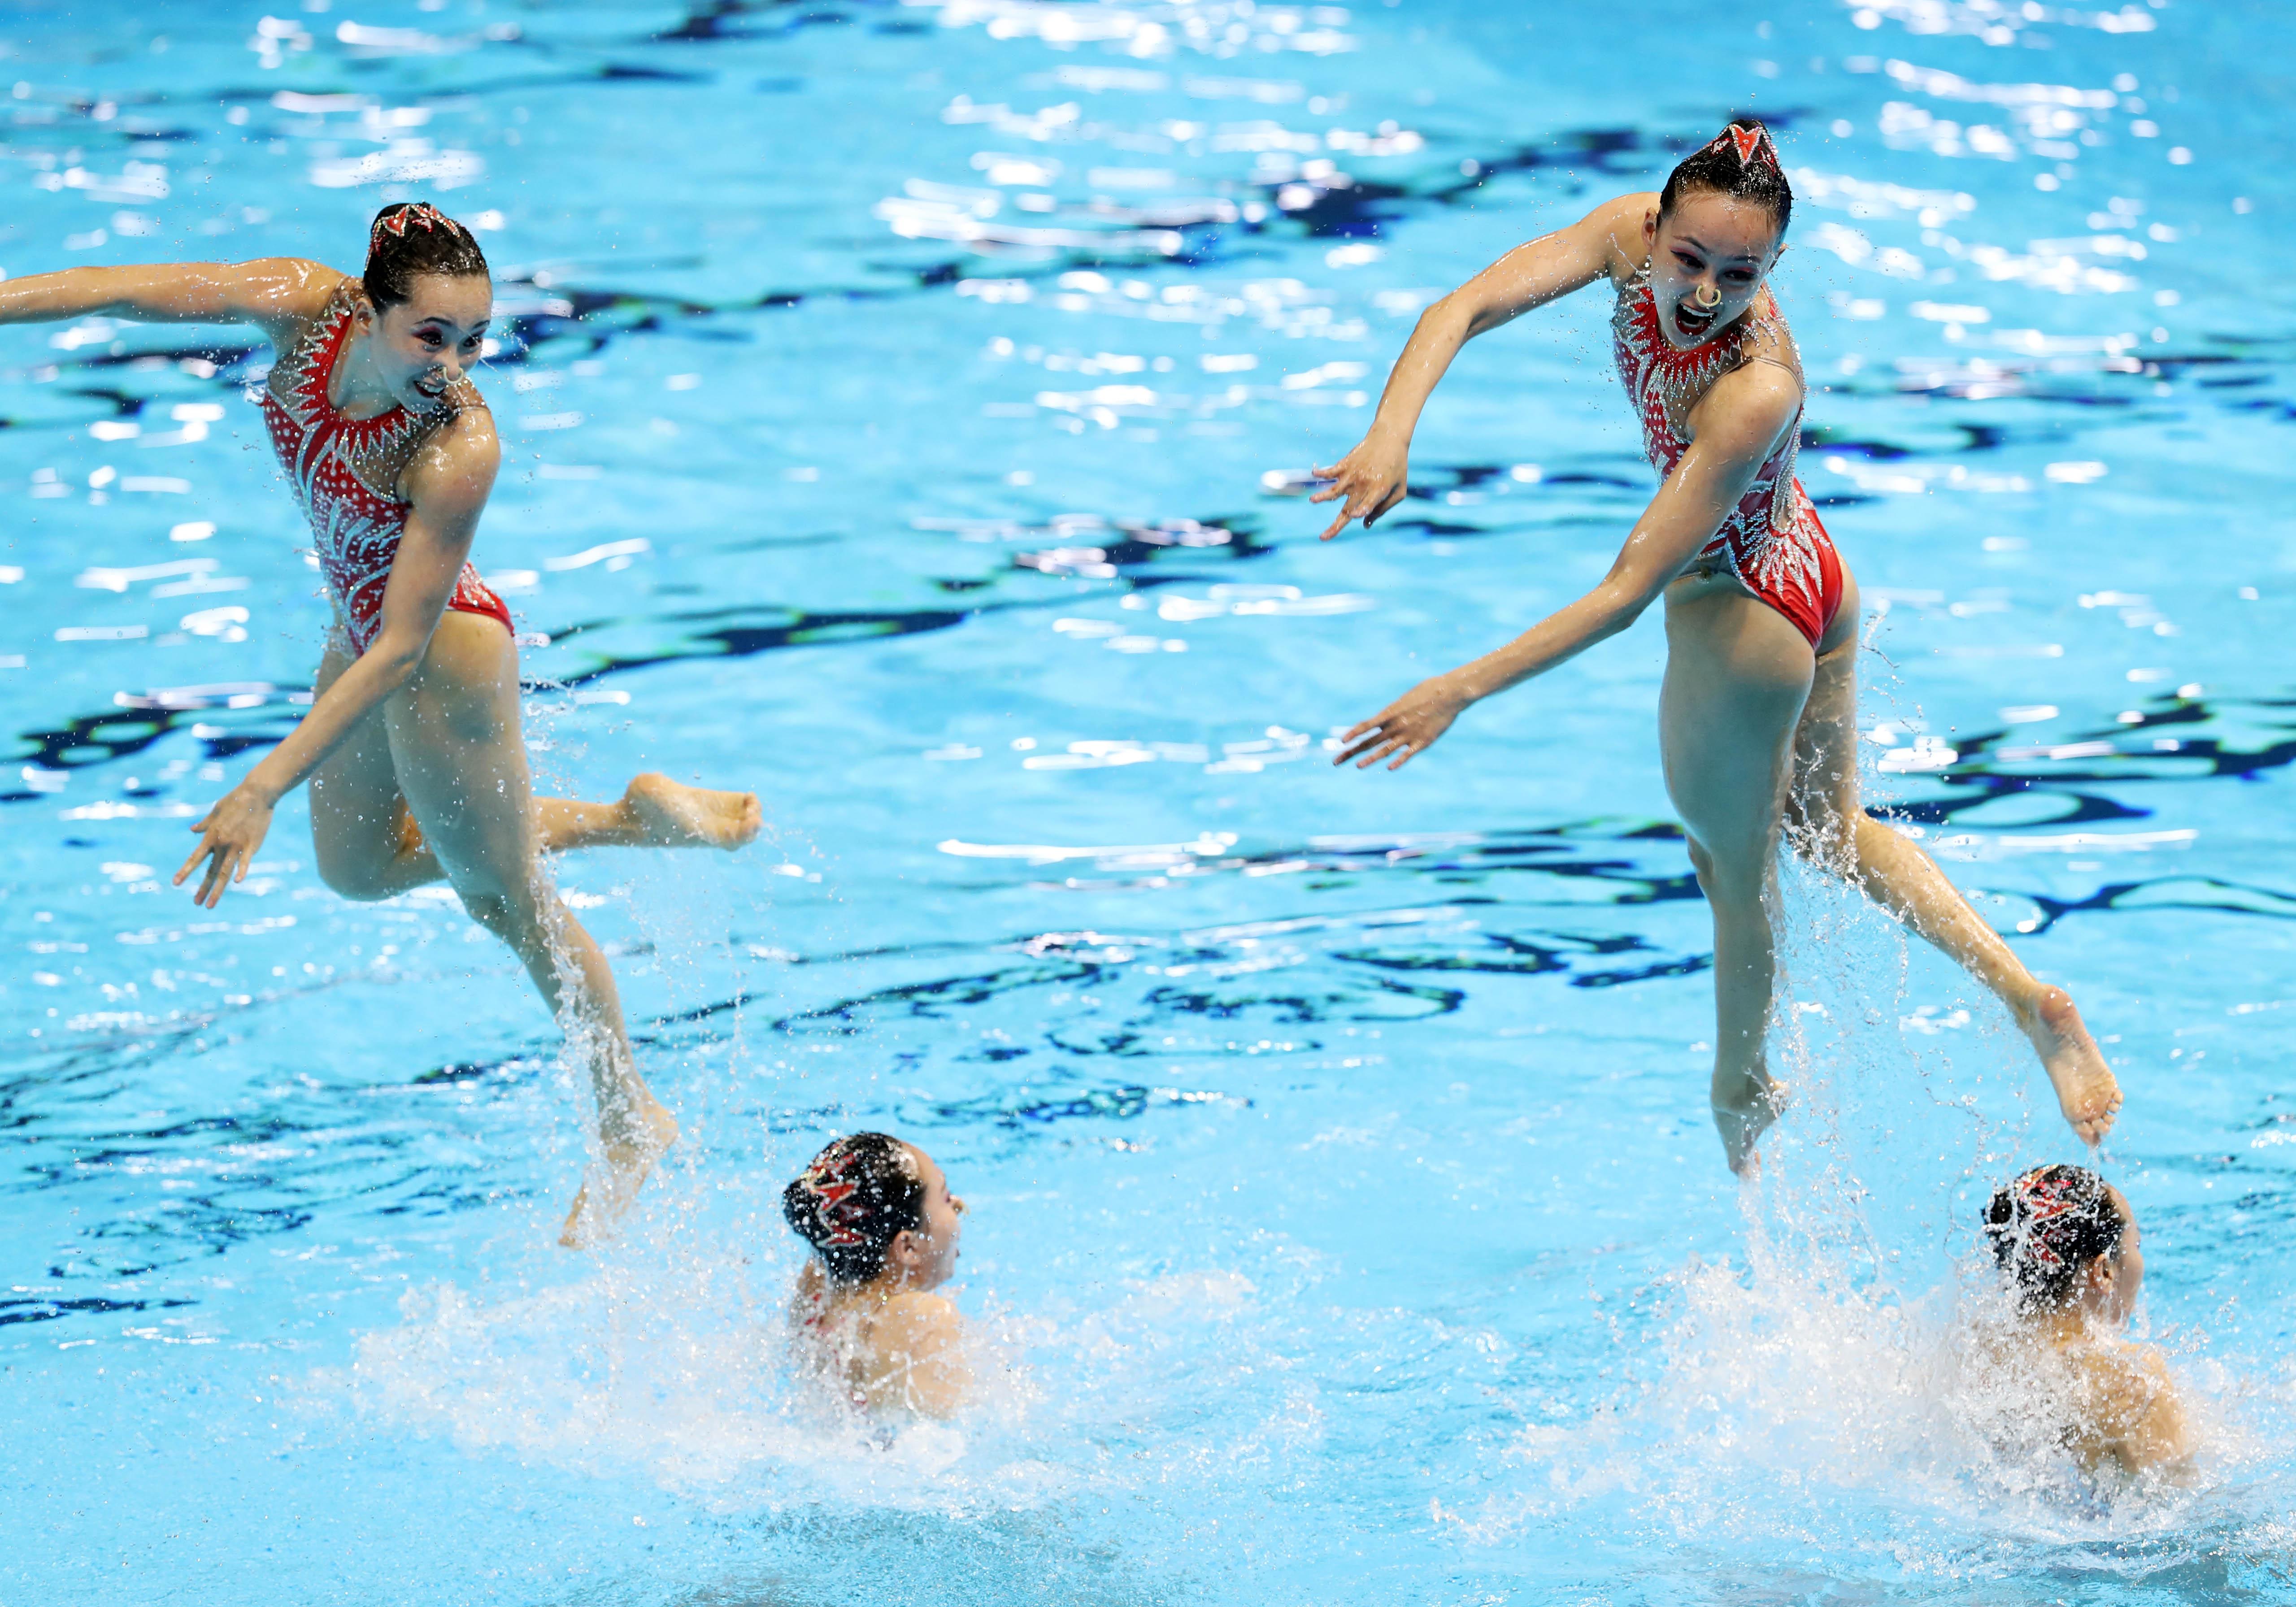 花样游泳——女子集体技术自选决赛:中国摘银